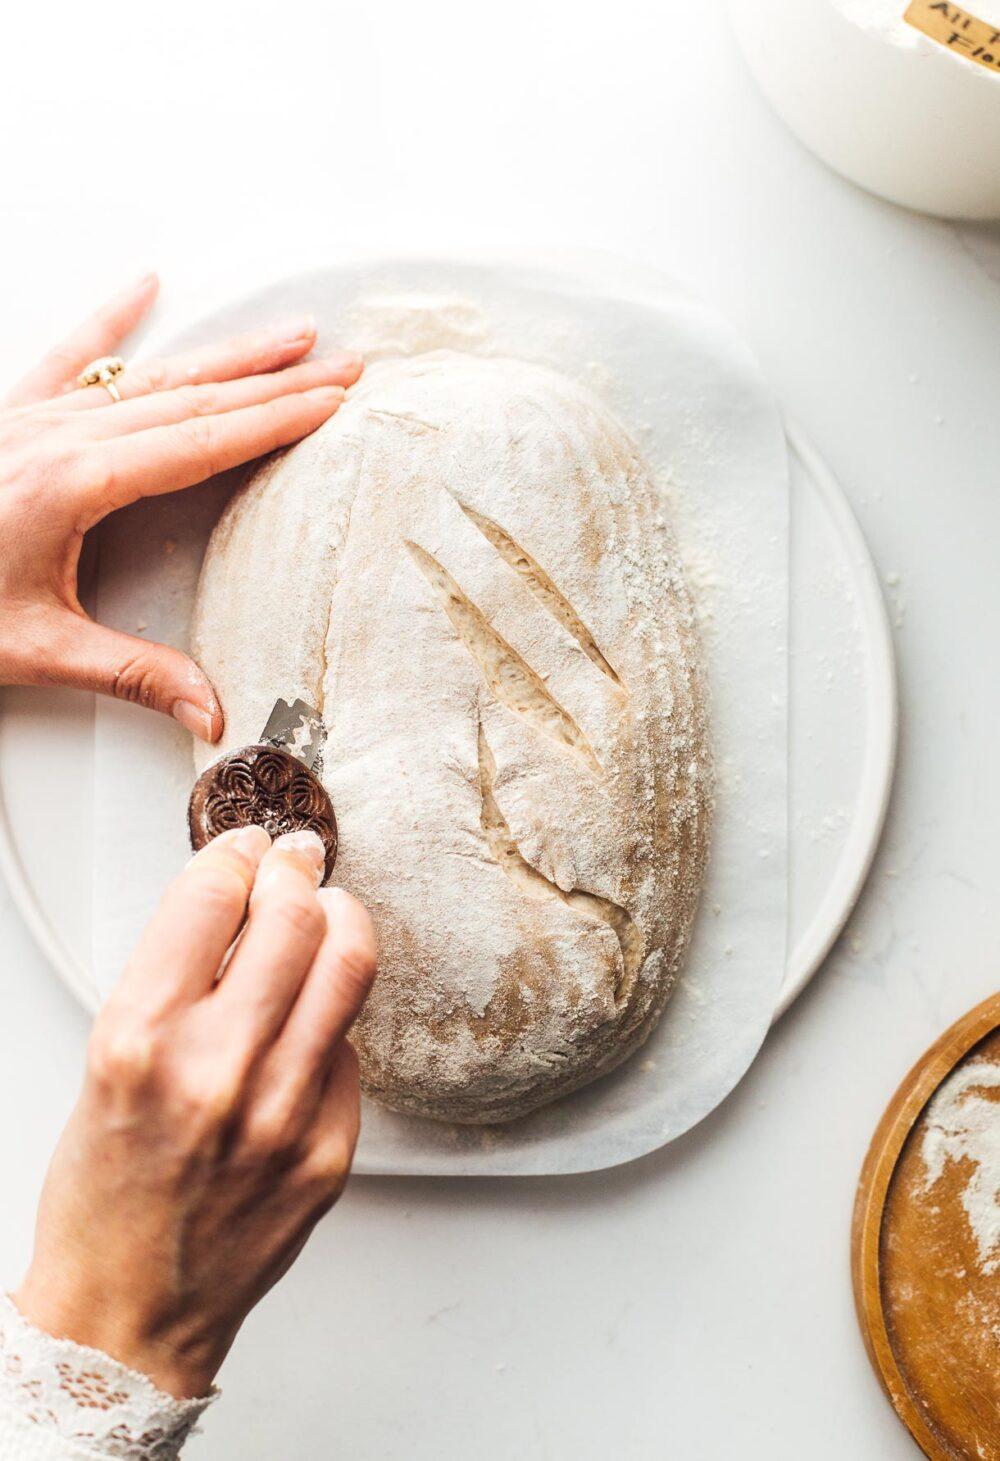 scoring sourdough bread on parchment paper